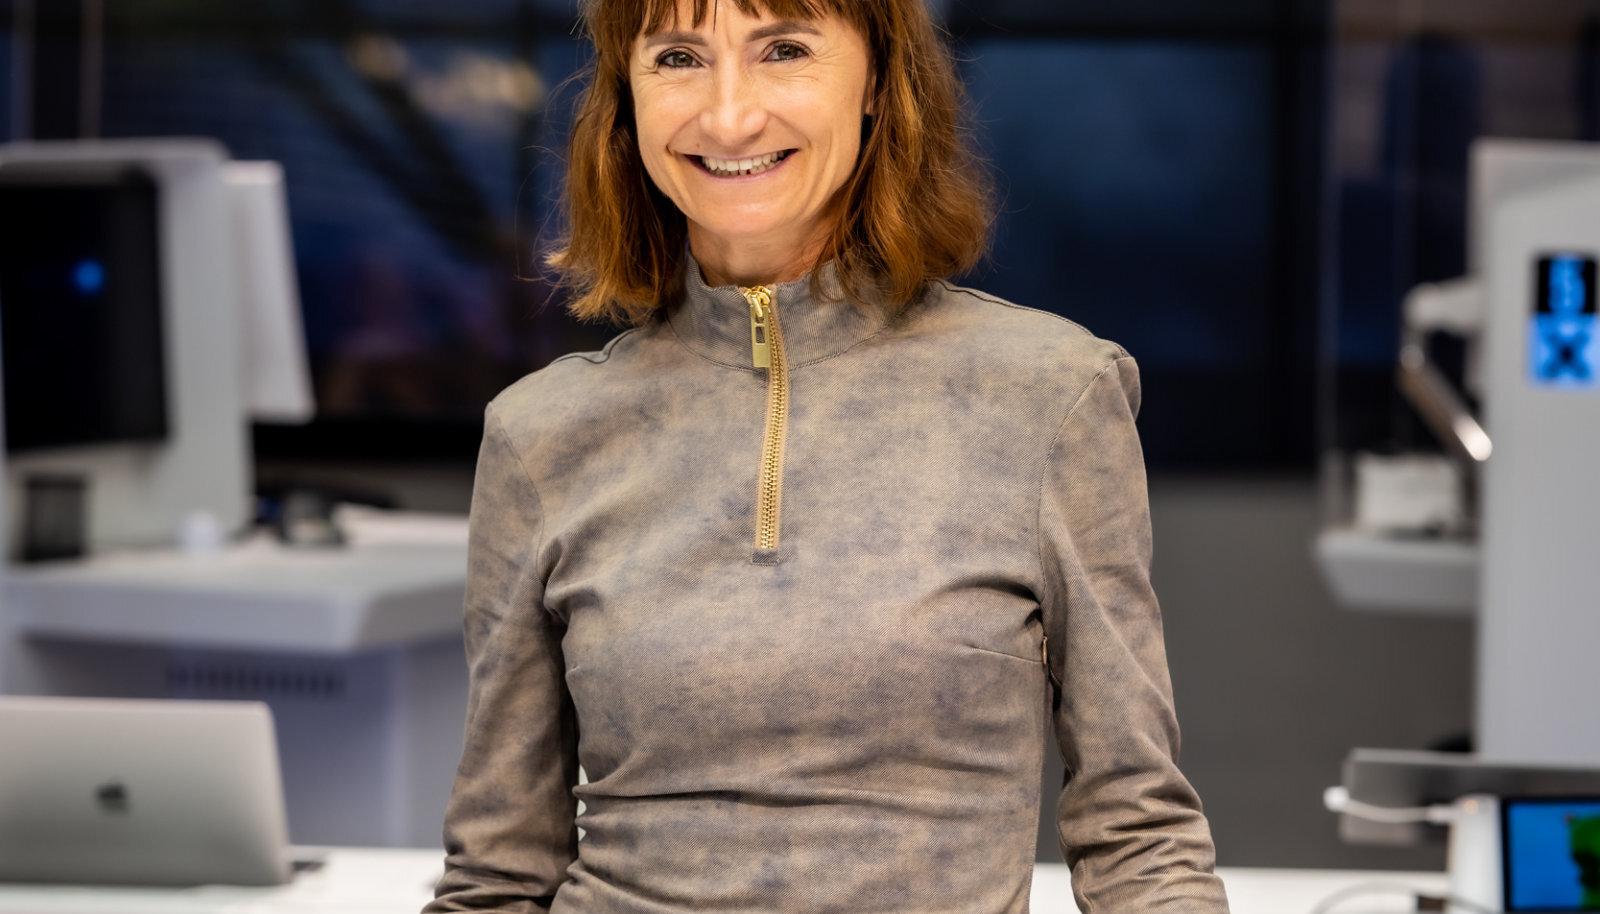 Marika Raiski